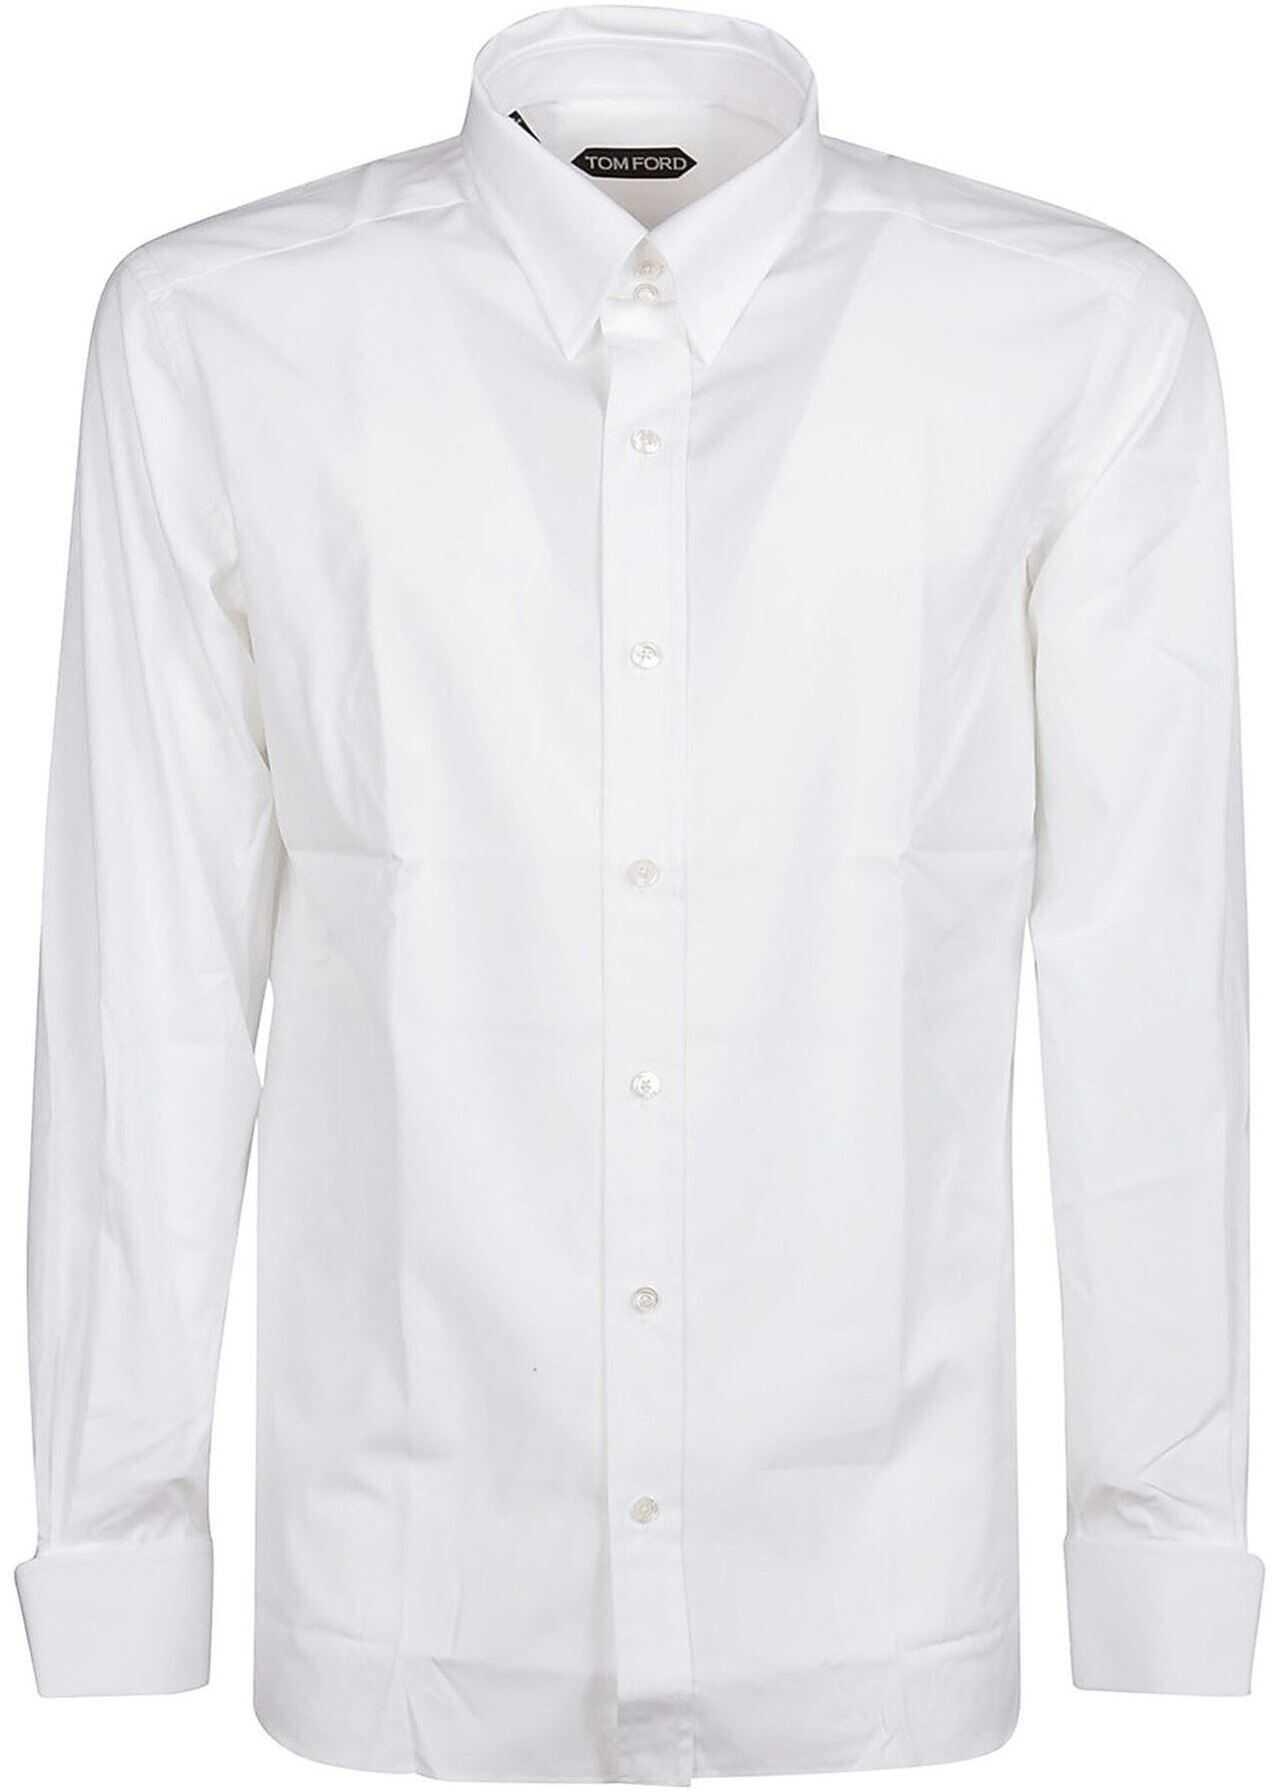 Tom Ford White Cotton Shirt In White White imagine